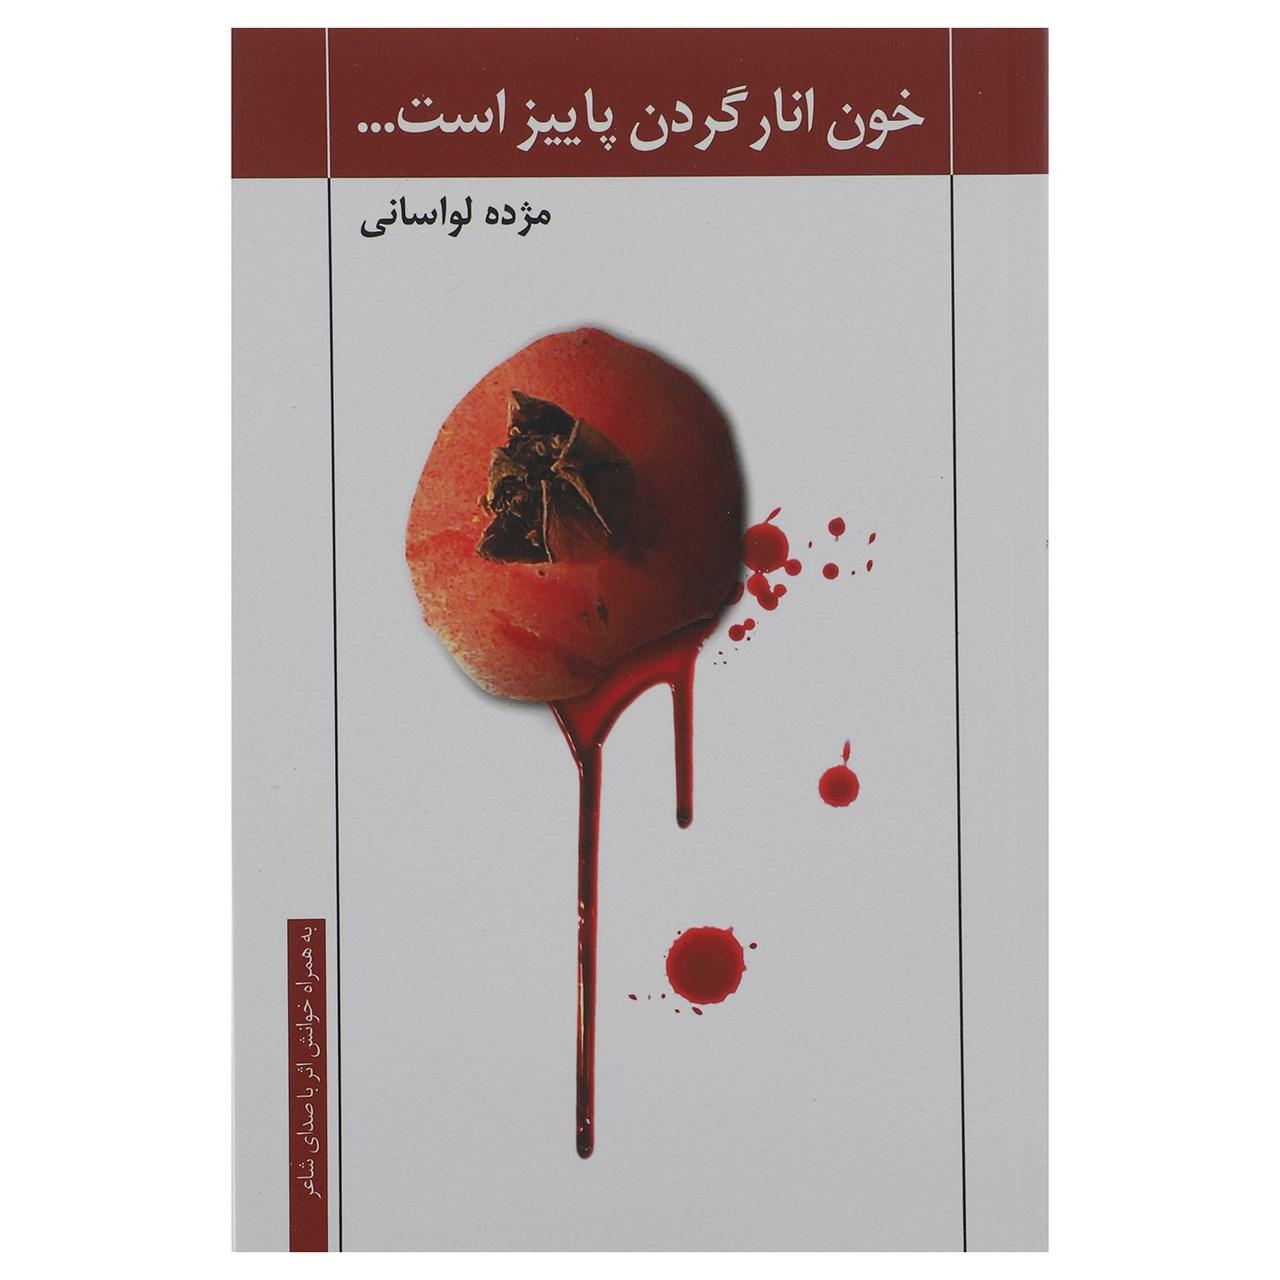 کتاب خون انار گردن پاییز است اثر مژده لواسانی